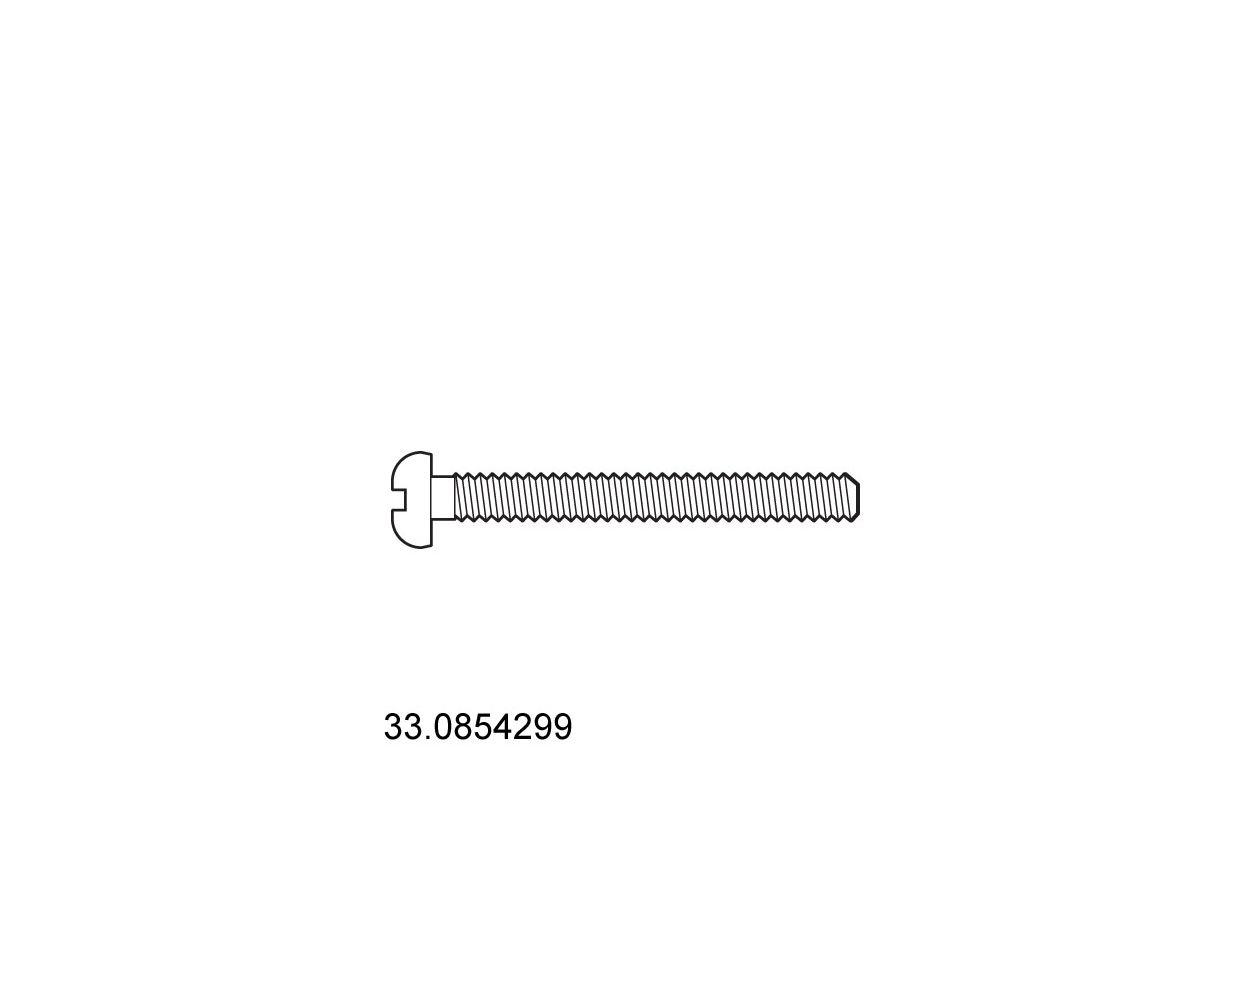 SCREW - M6 45MM L - MACH - PAN